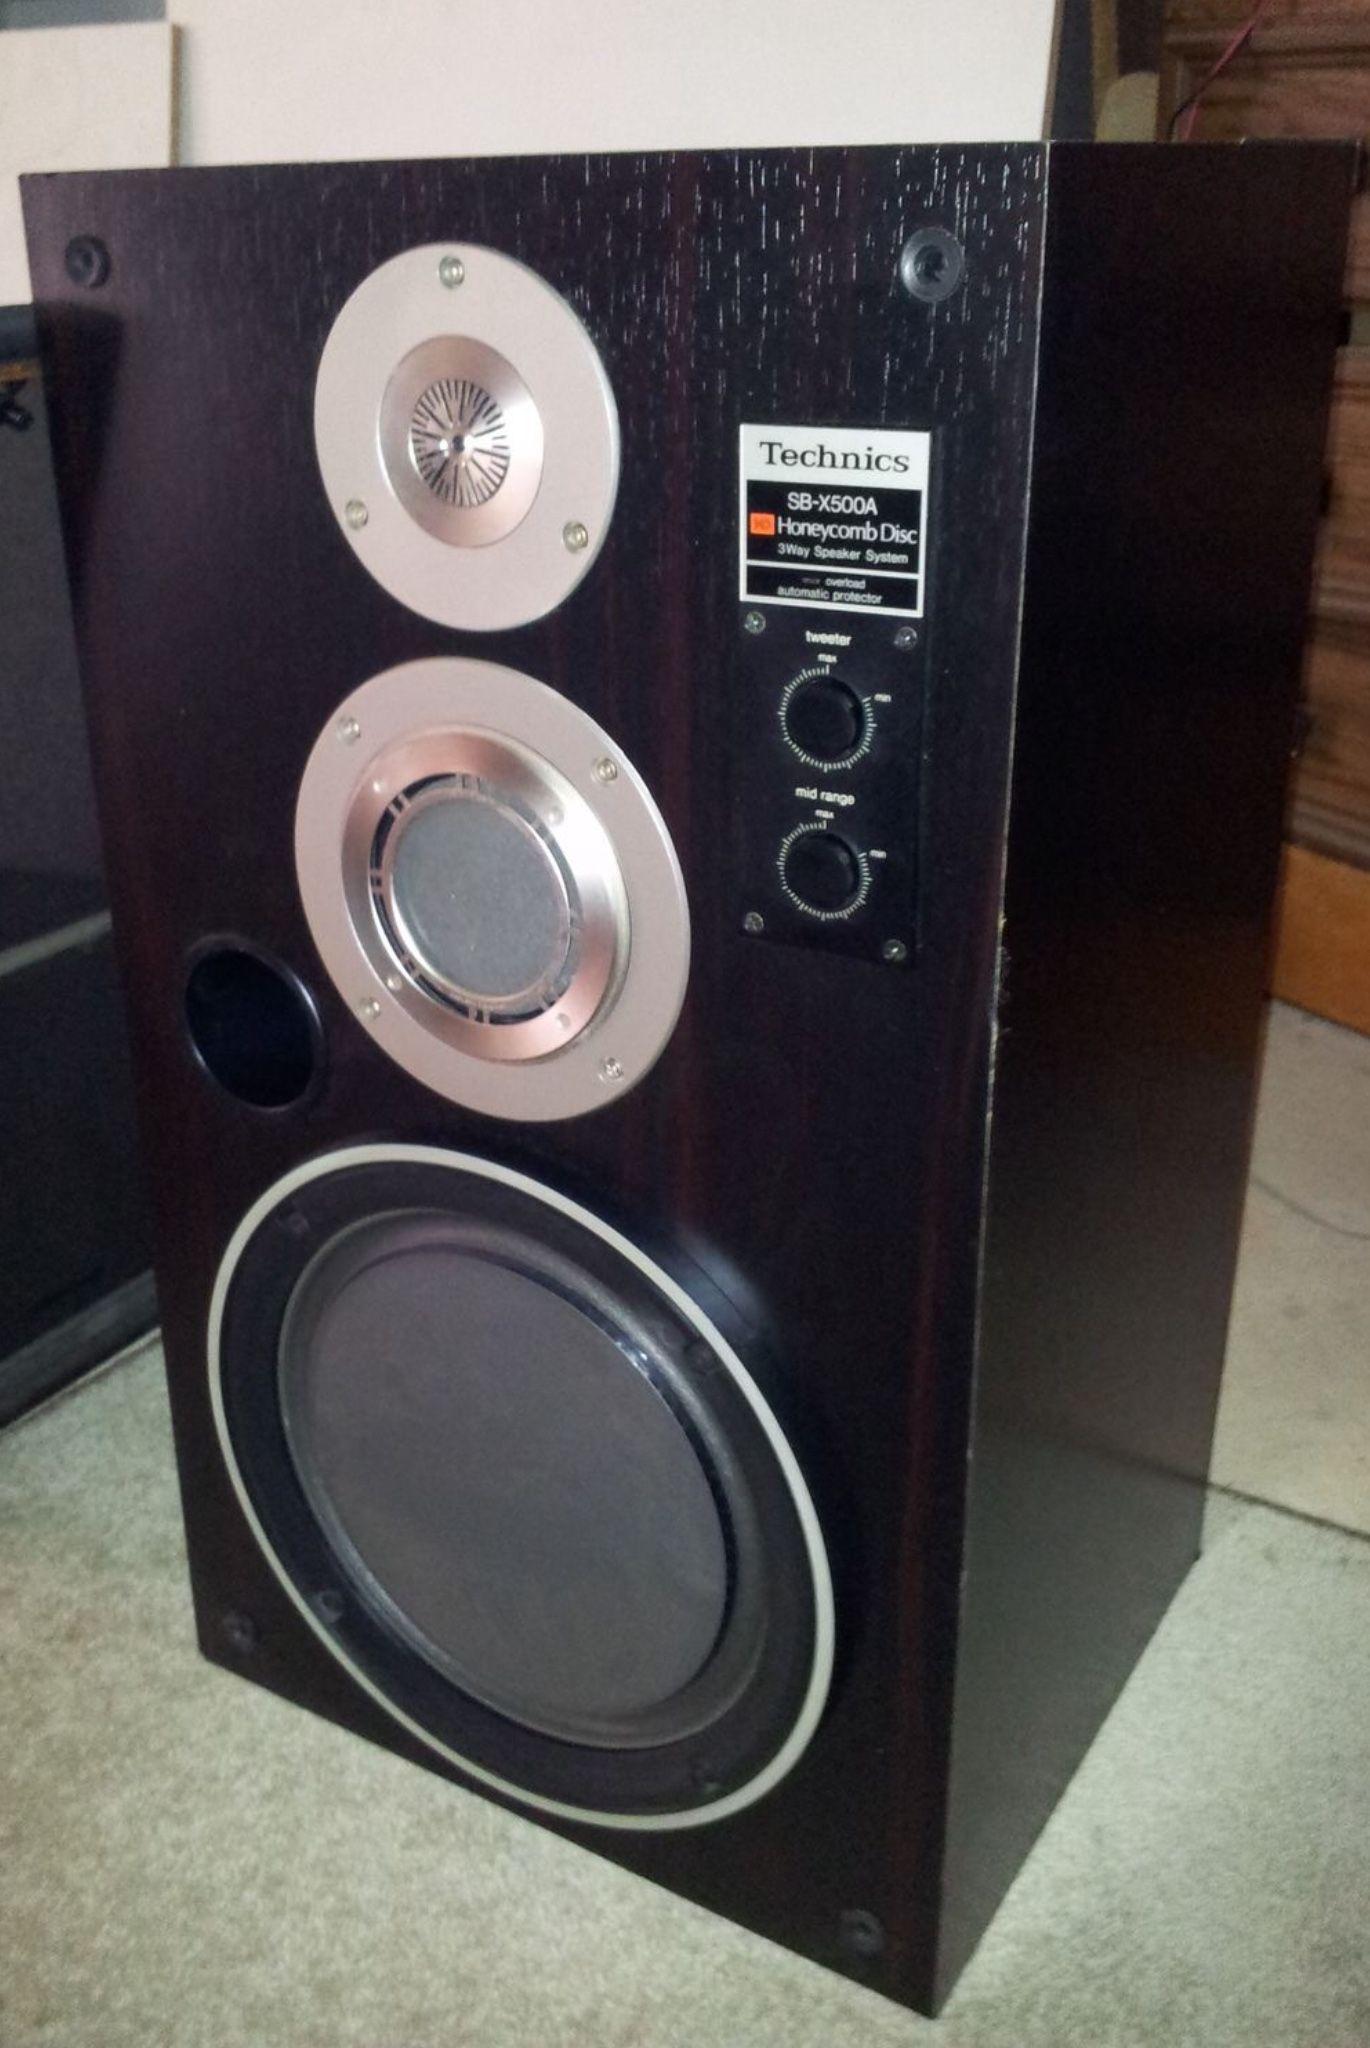 Restaurar cajas Technics sb-x500a D78d5ec1596e2c4efb948df06c122b3d